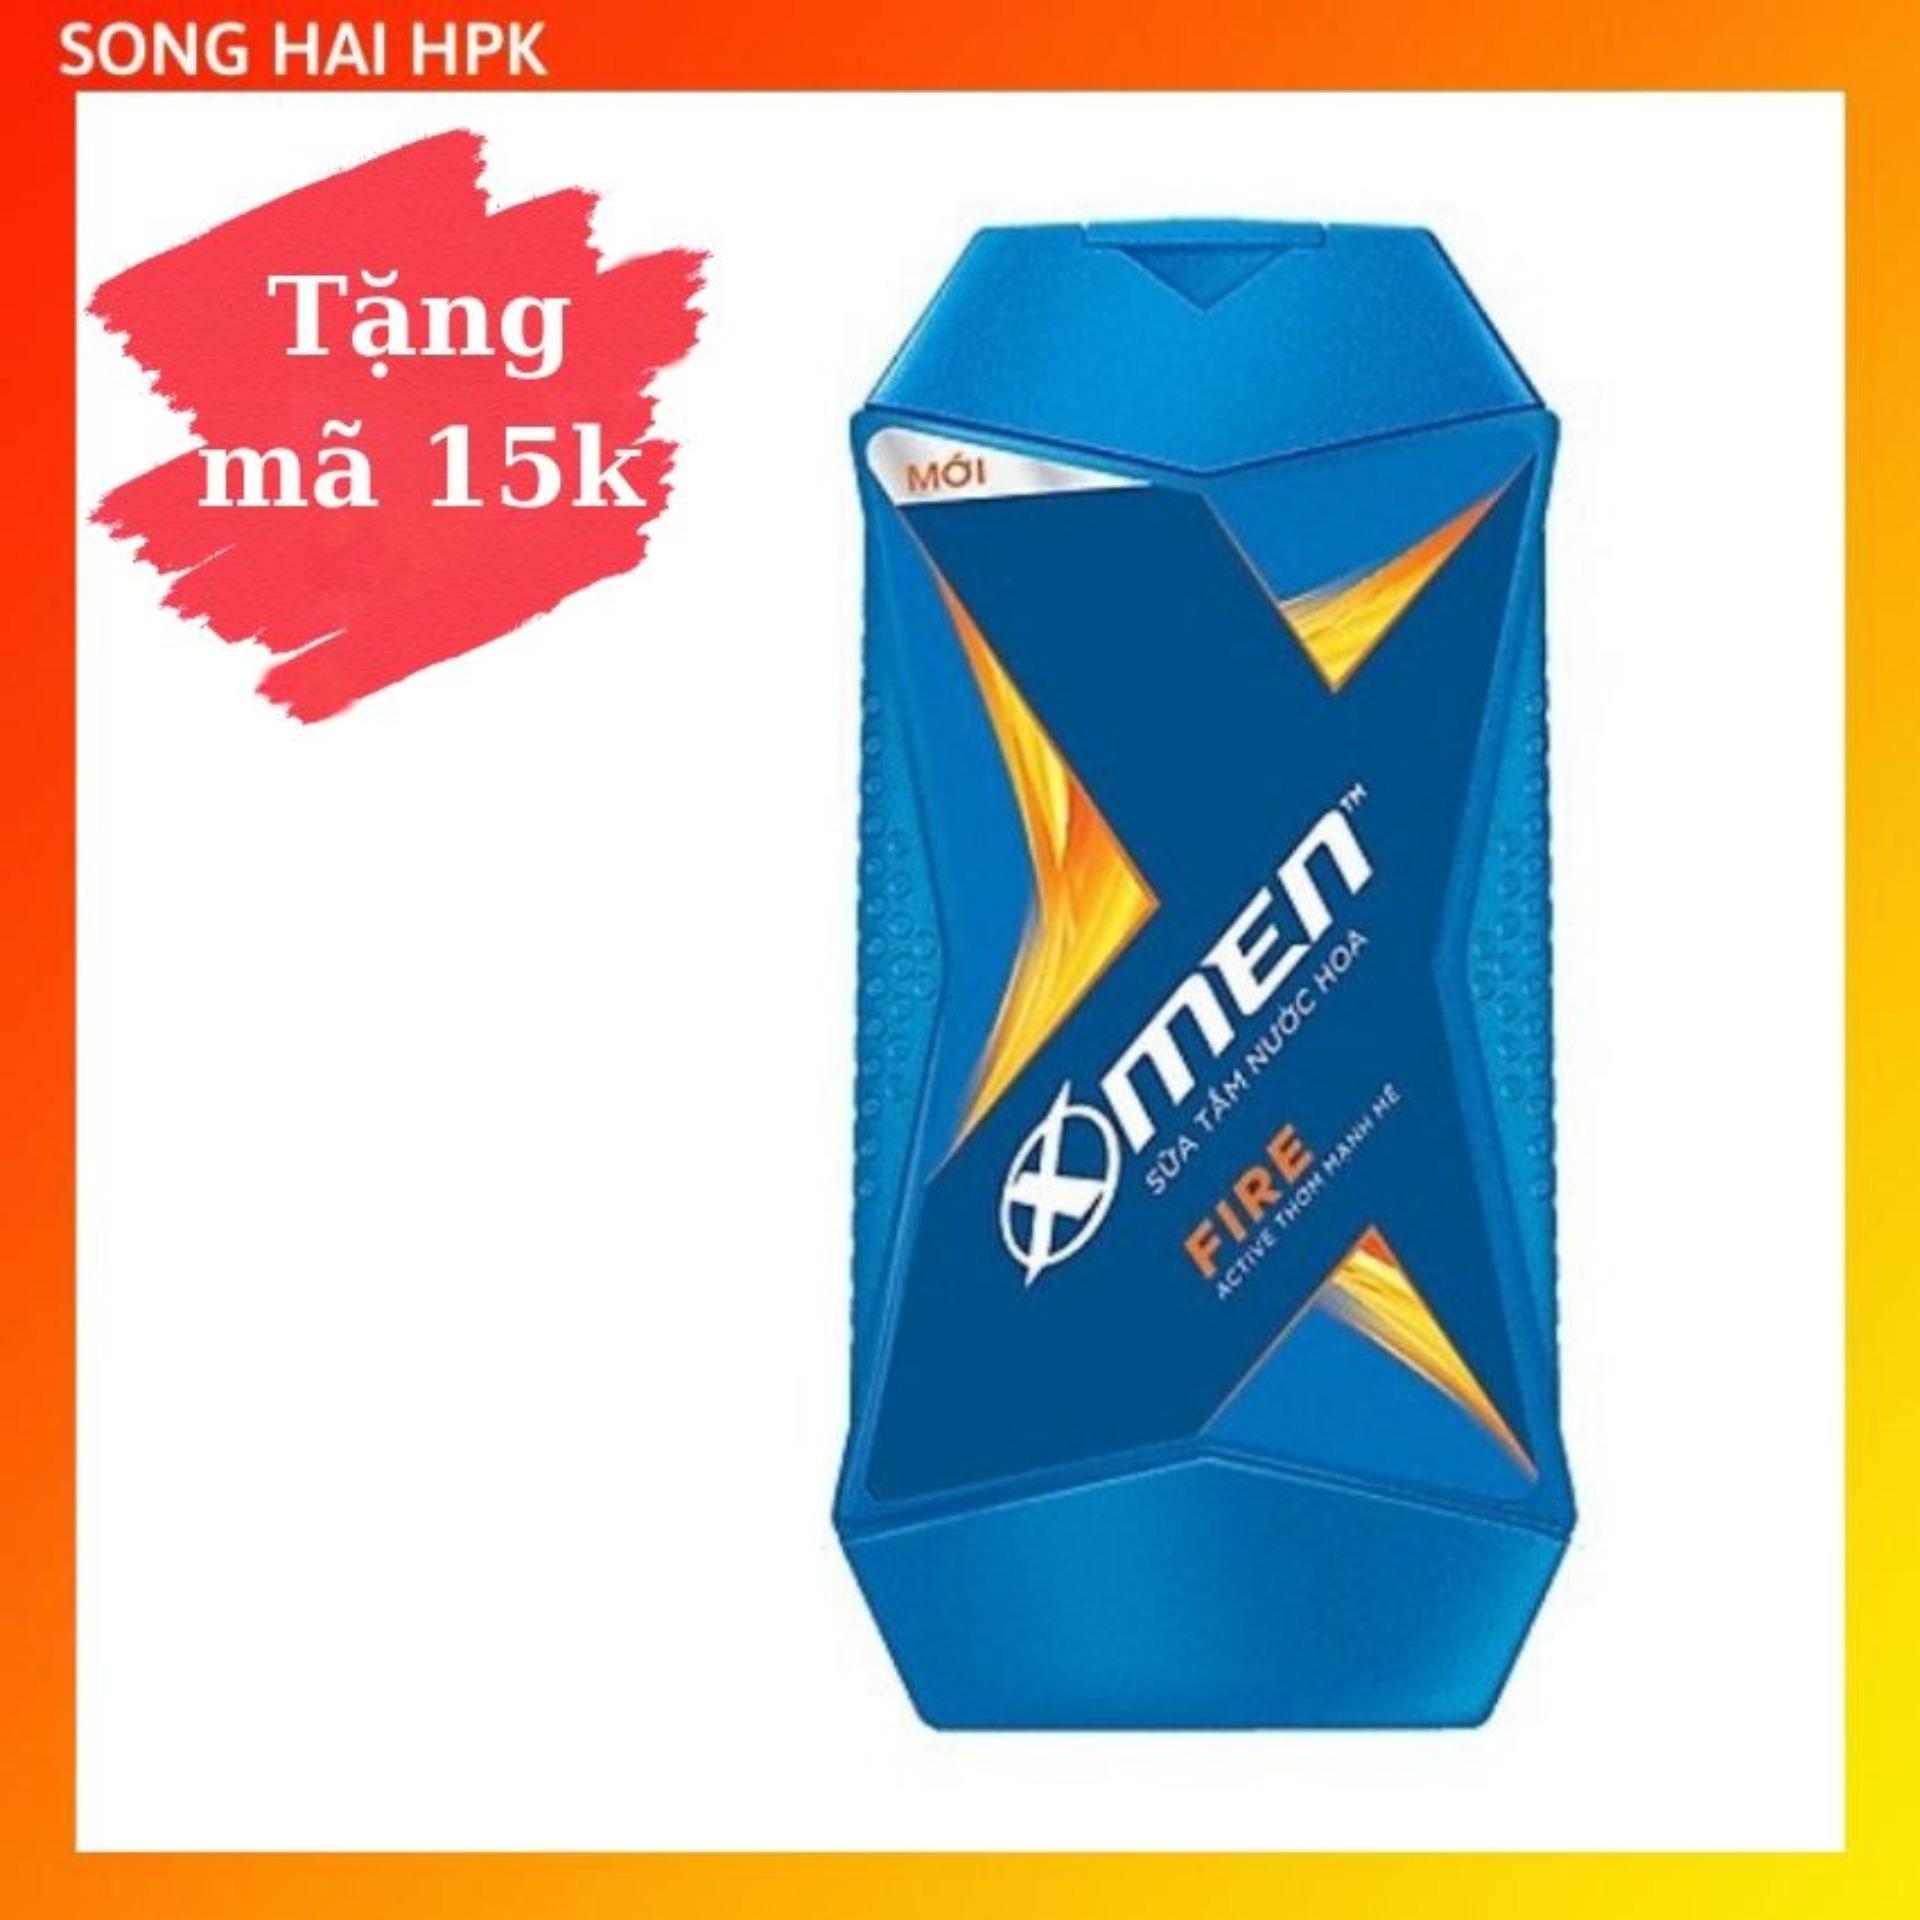 Sữa tắm nước hoa X-Men Fire Active - Sạch sâu thơm mạnh mẽ 380g Songhaihpk nhập khẩu